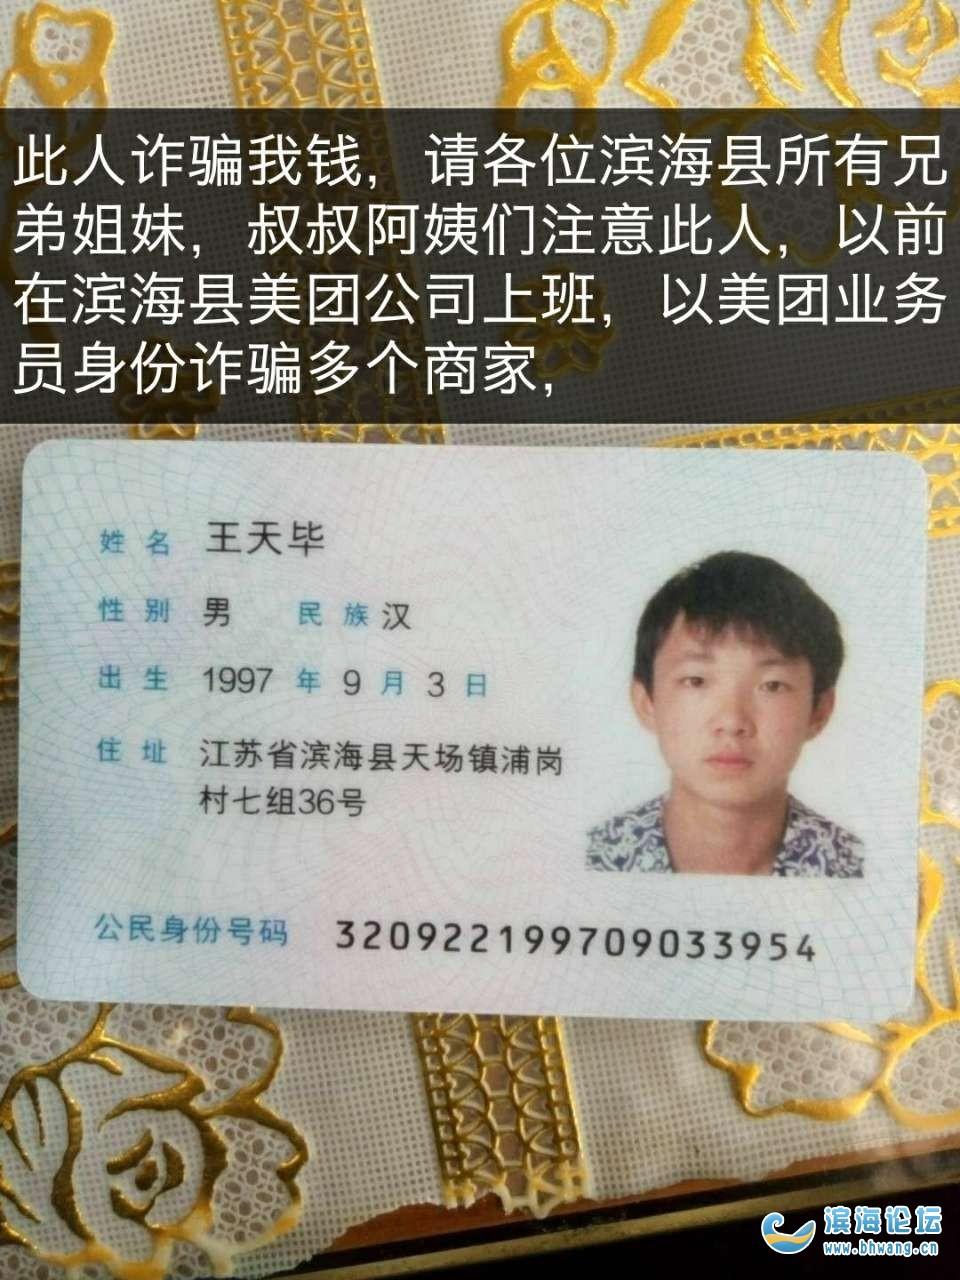 此人是惯犯诈骗犯,骗我钱,也骗了一位滨海出租车司机